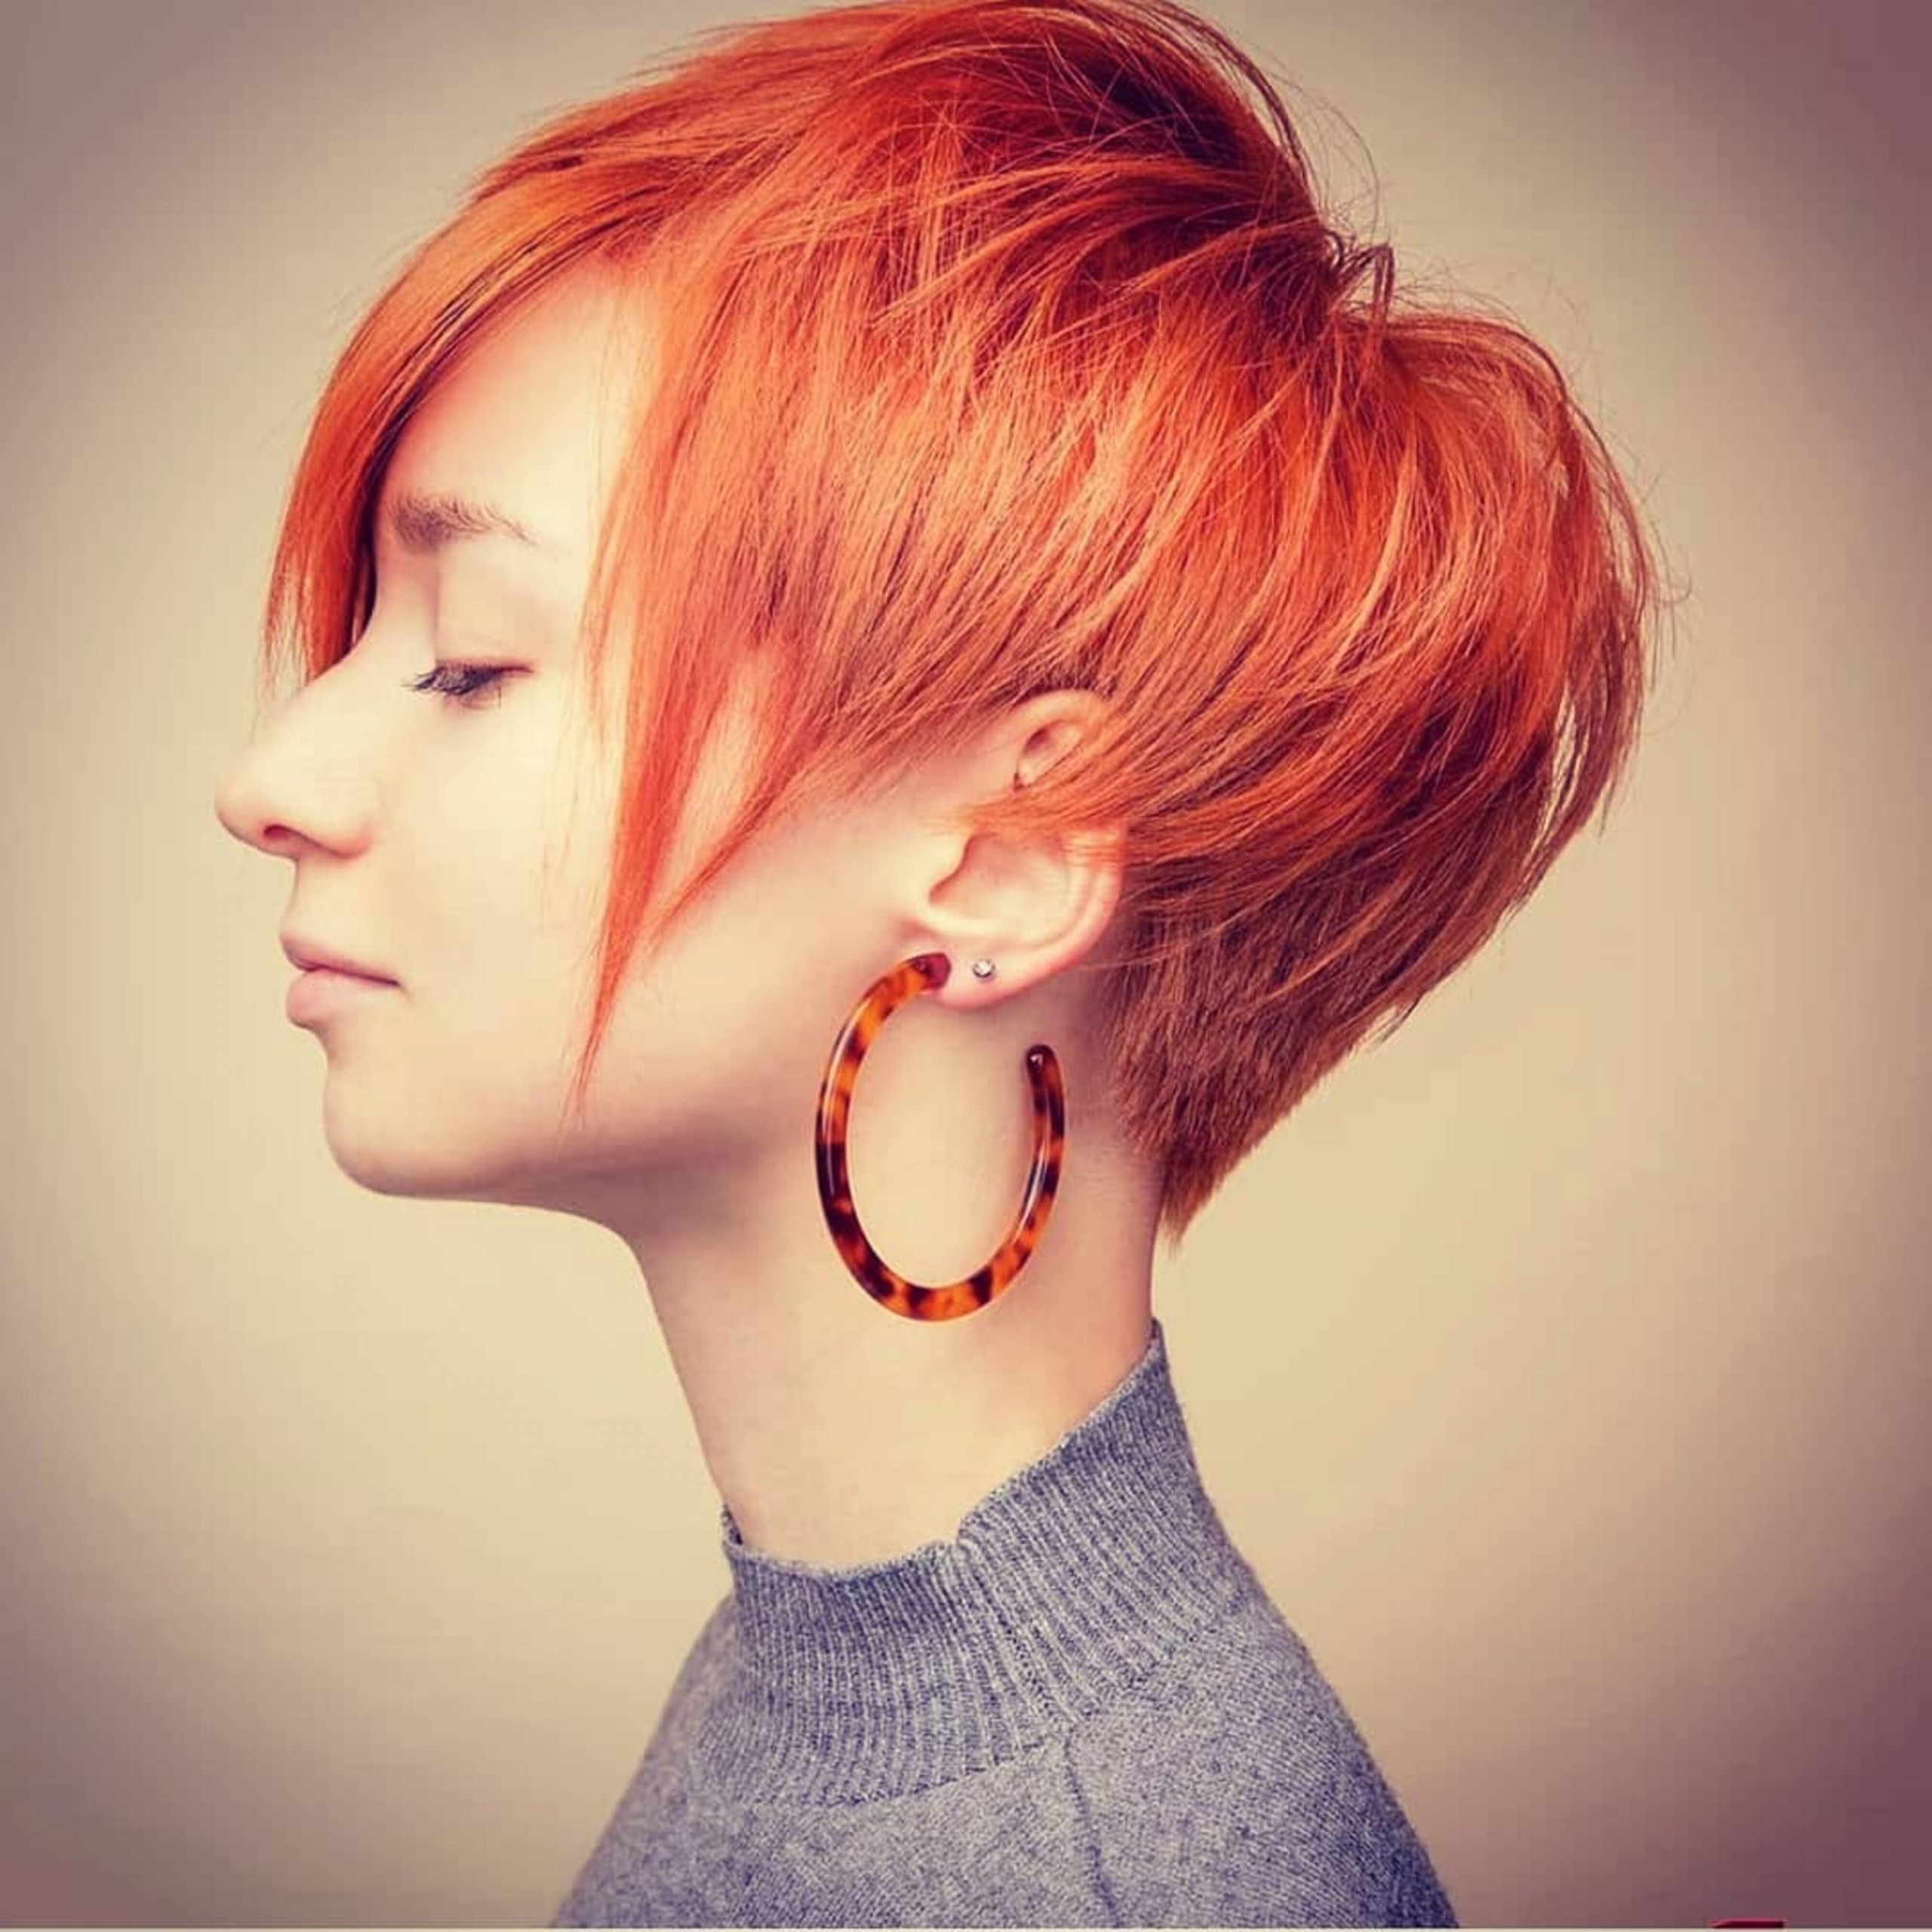 A pixie short haircut for red hair.